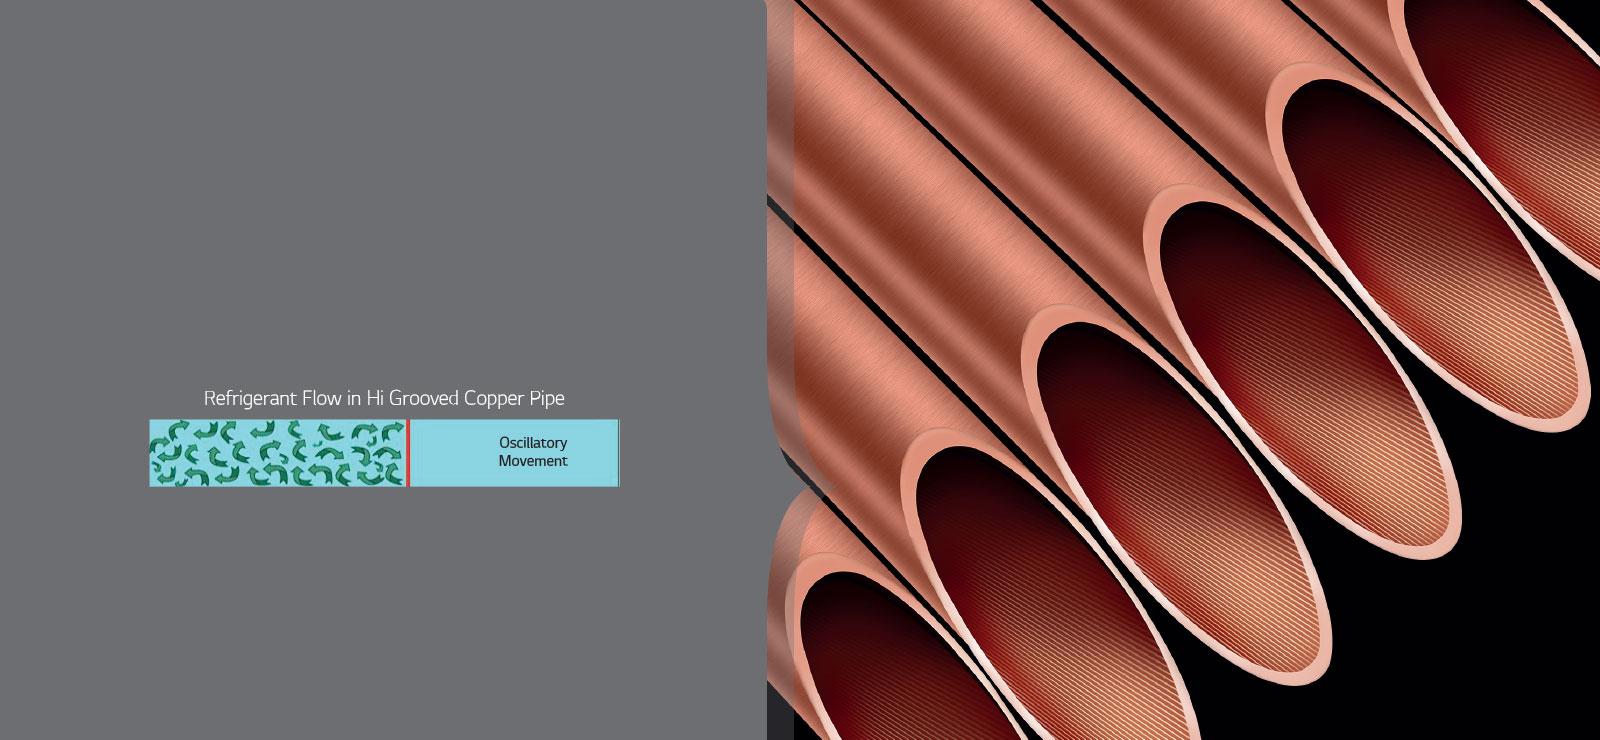 LG Hi-Grooved Copper